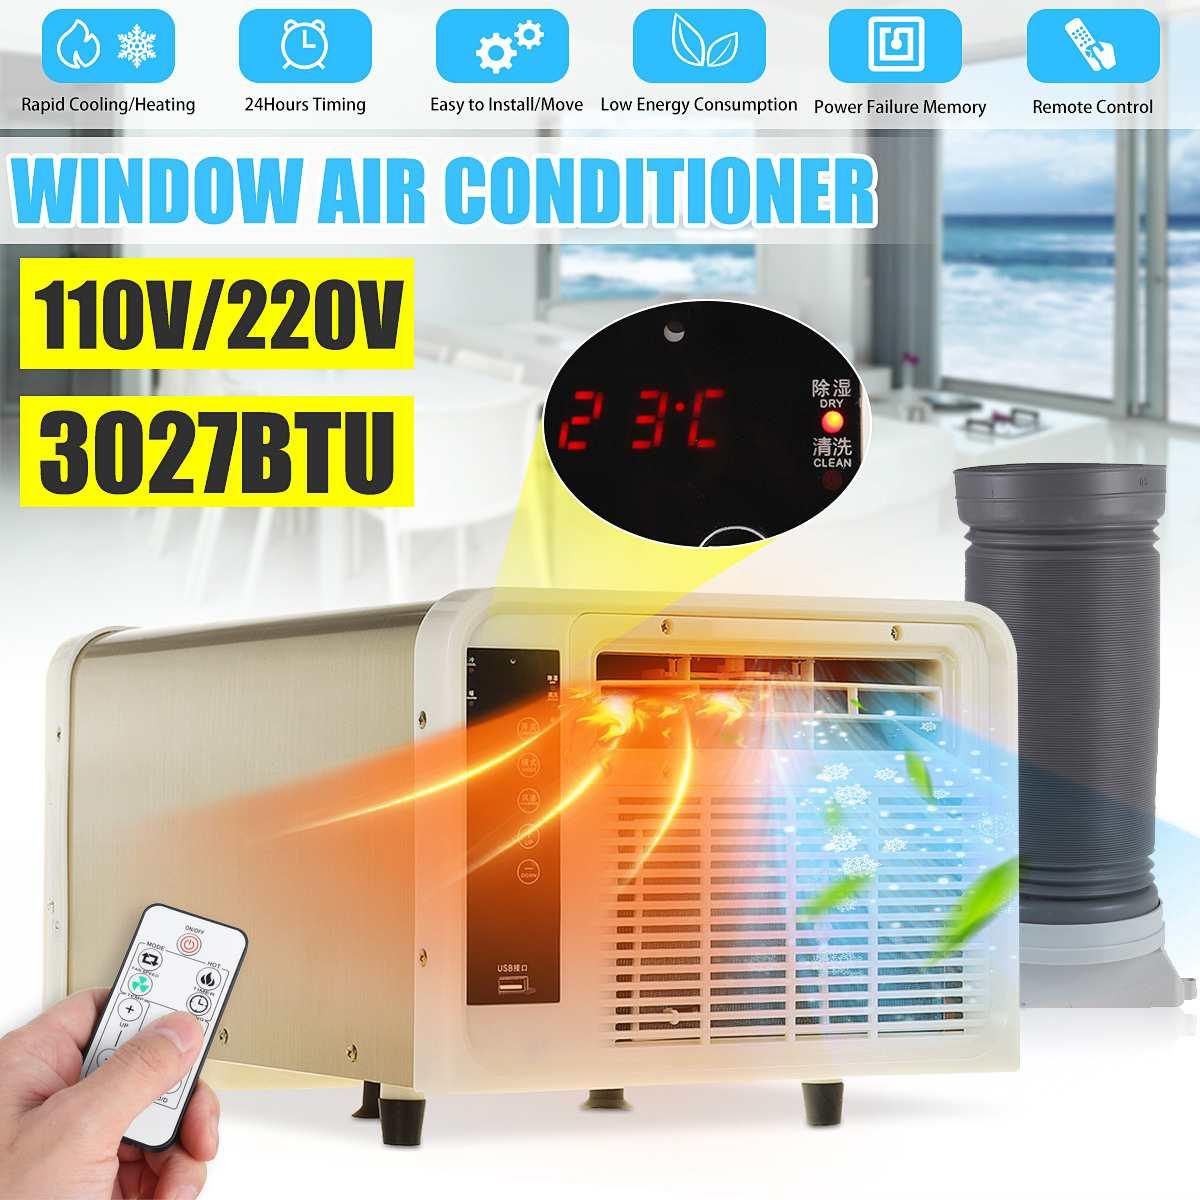 3027BTU مكيف هواء متنقل 220 فولت/110 فولت التيار المتناوب الباردة/الحرارة الاستخدام المزدوج 24 ساعة الموقت LED لوحة التحكم في الإضاءة مع جهاز التحكم ع...